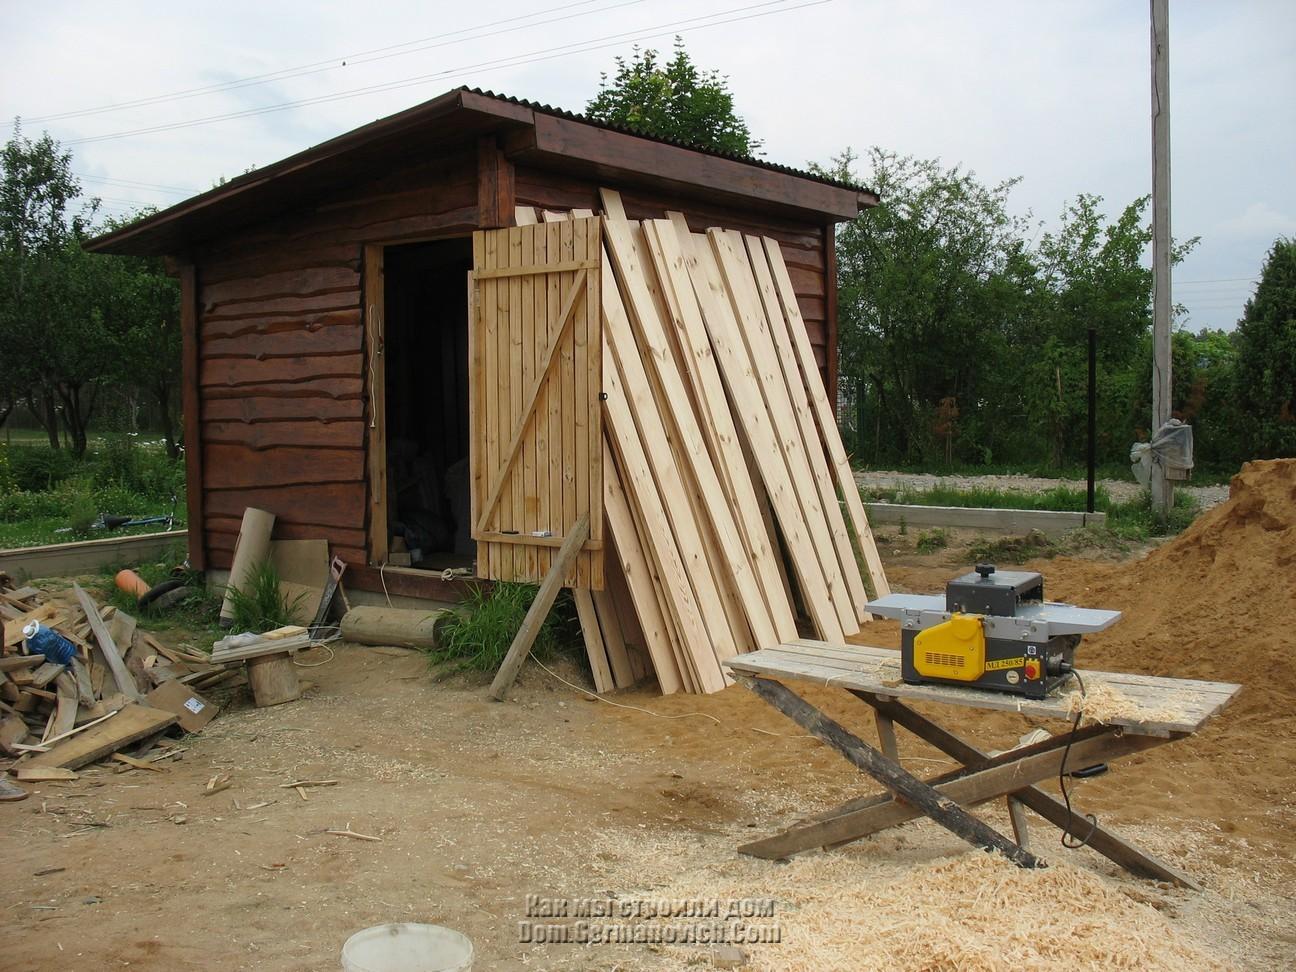 Сарай своими руками: каркасный, деревянный, пошагово, фото, видео 42